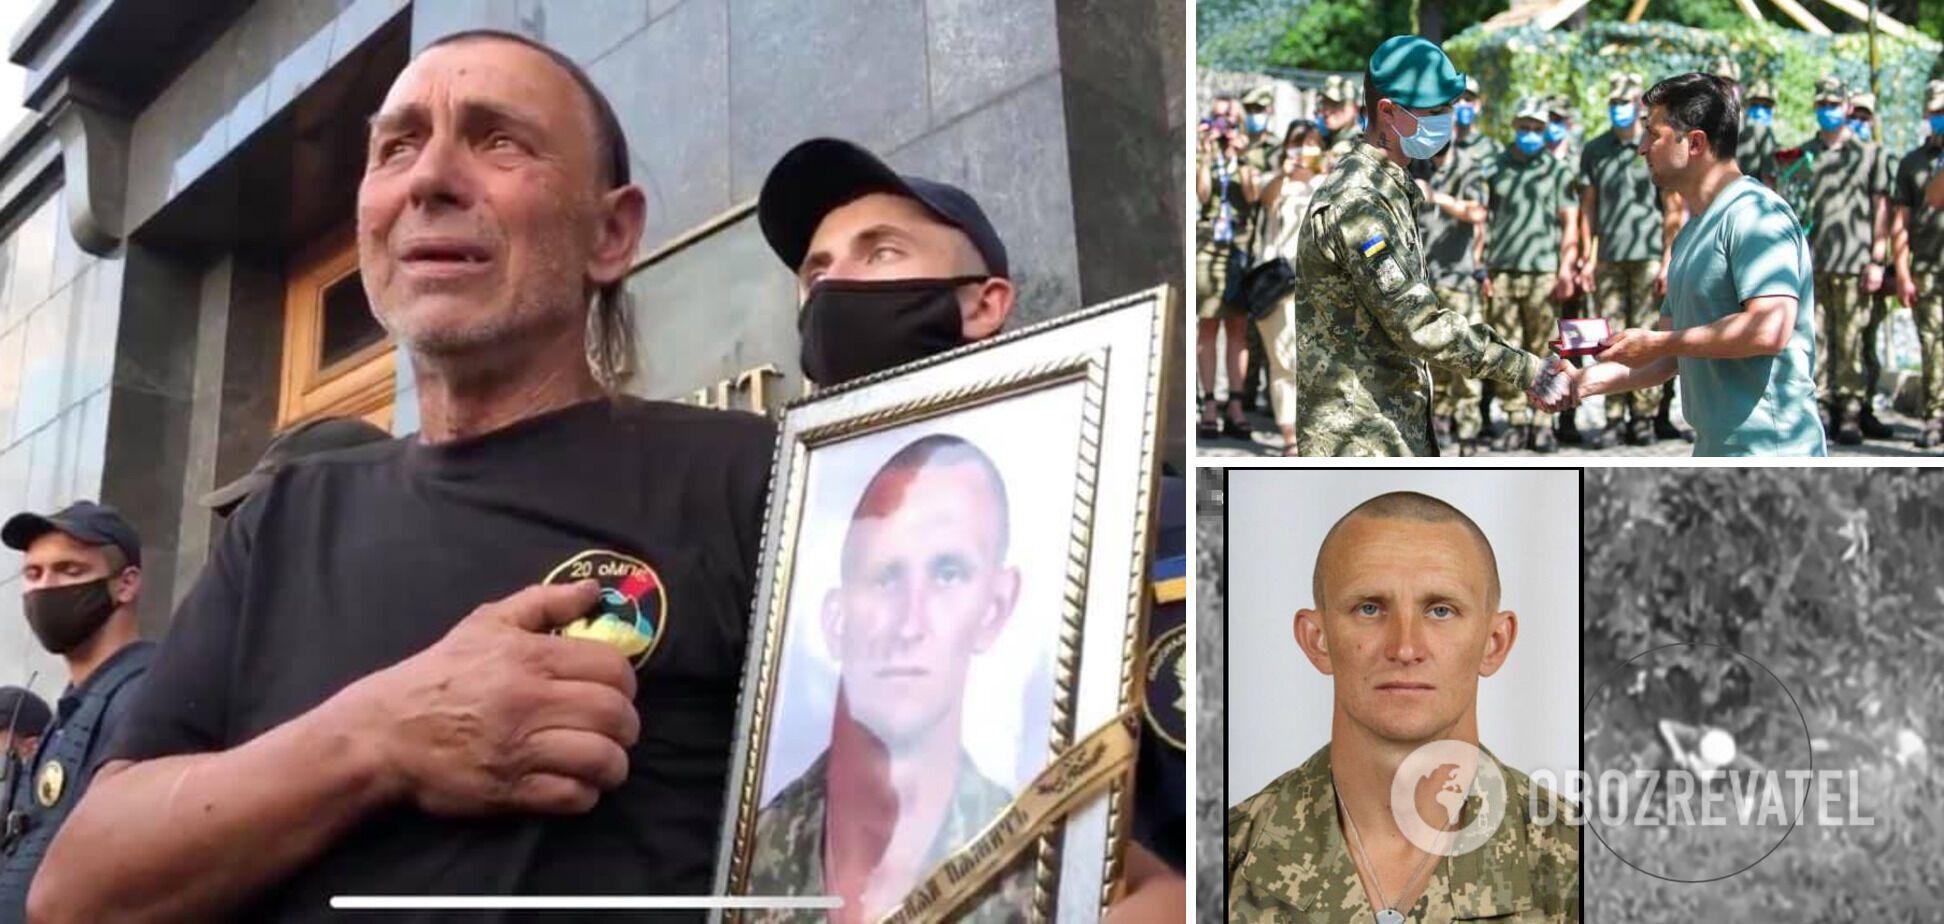 Отец разведчика Журавля: сын истекал кровью и верил, что за ним вернутся, но никто не помог